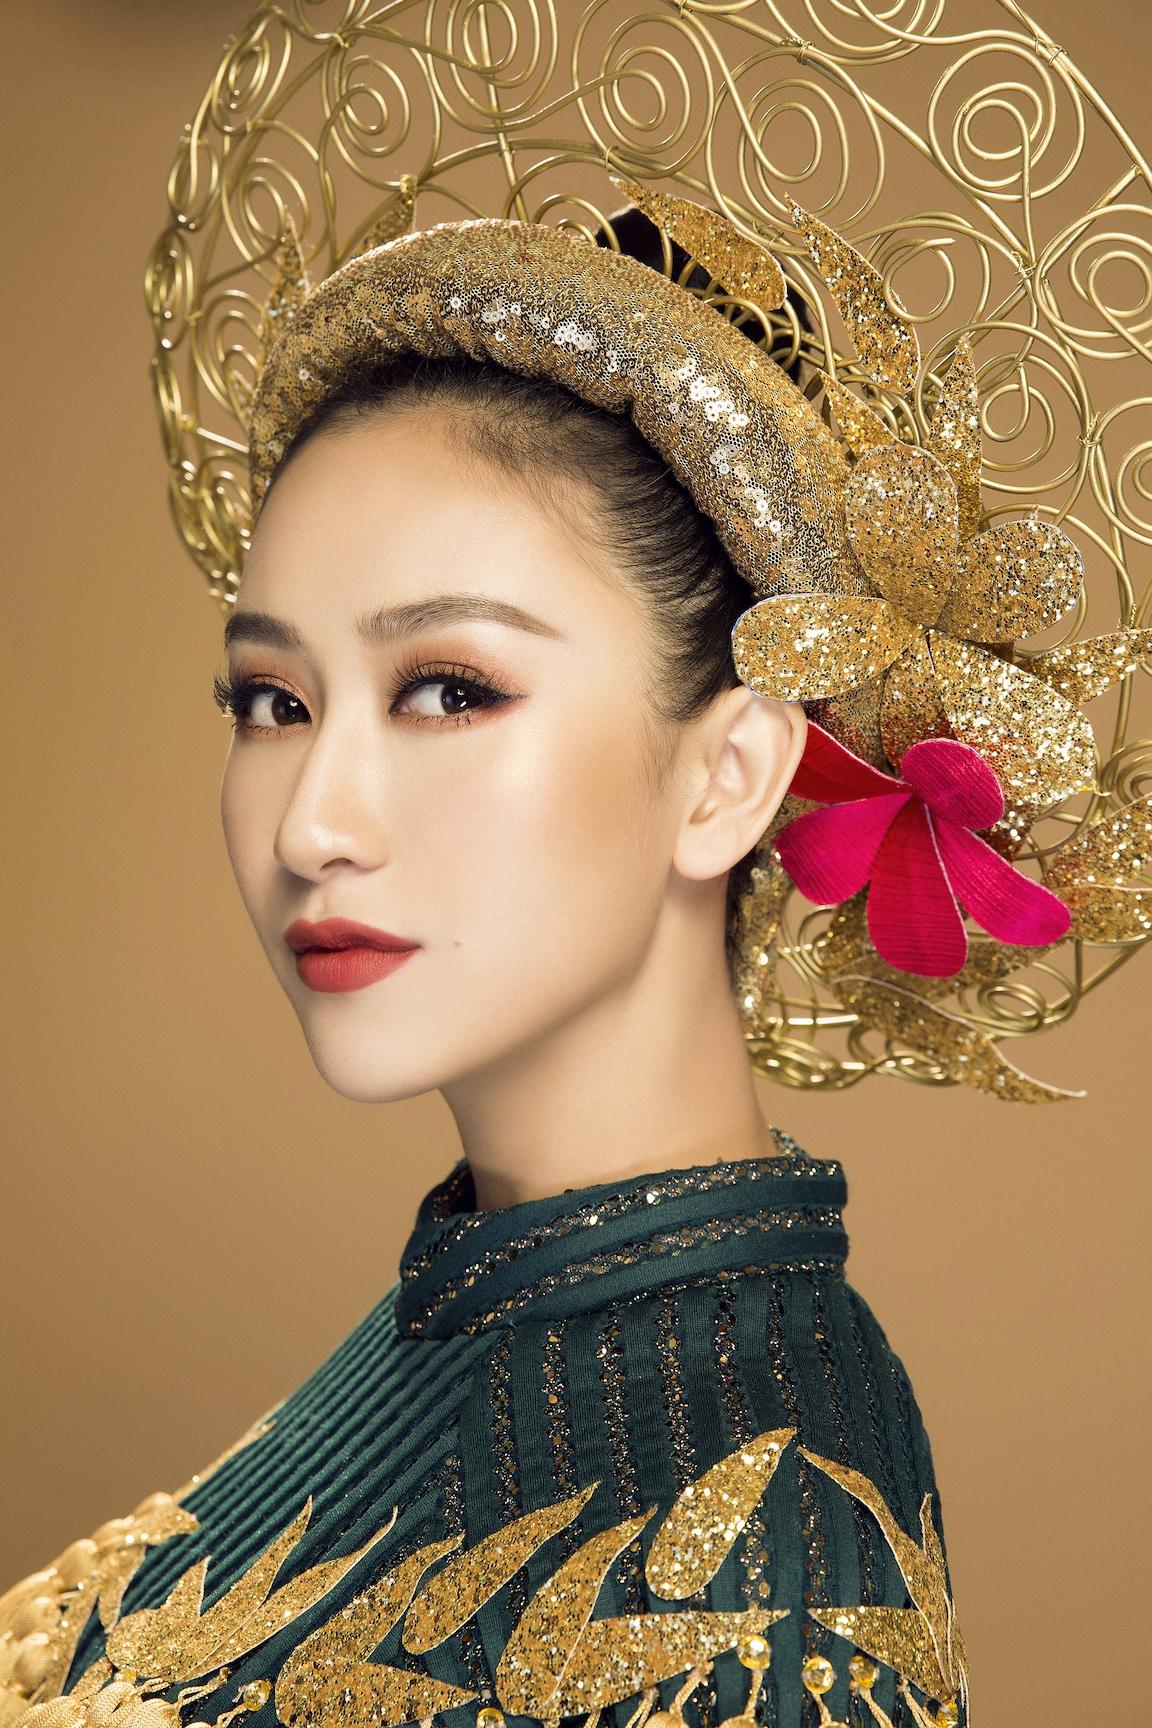 Cách đây không lâu, chuyên trang sắc đẹp Misssosology còn dự đoán cô sẽ trở thành Á hậu 1 Miss Earth 2017.